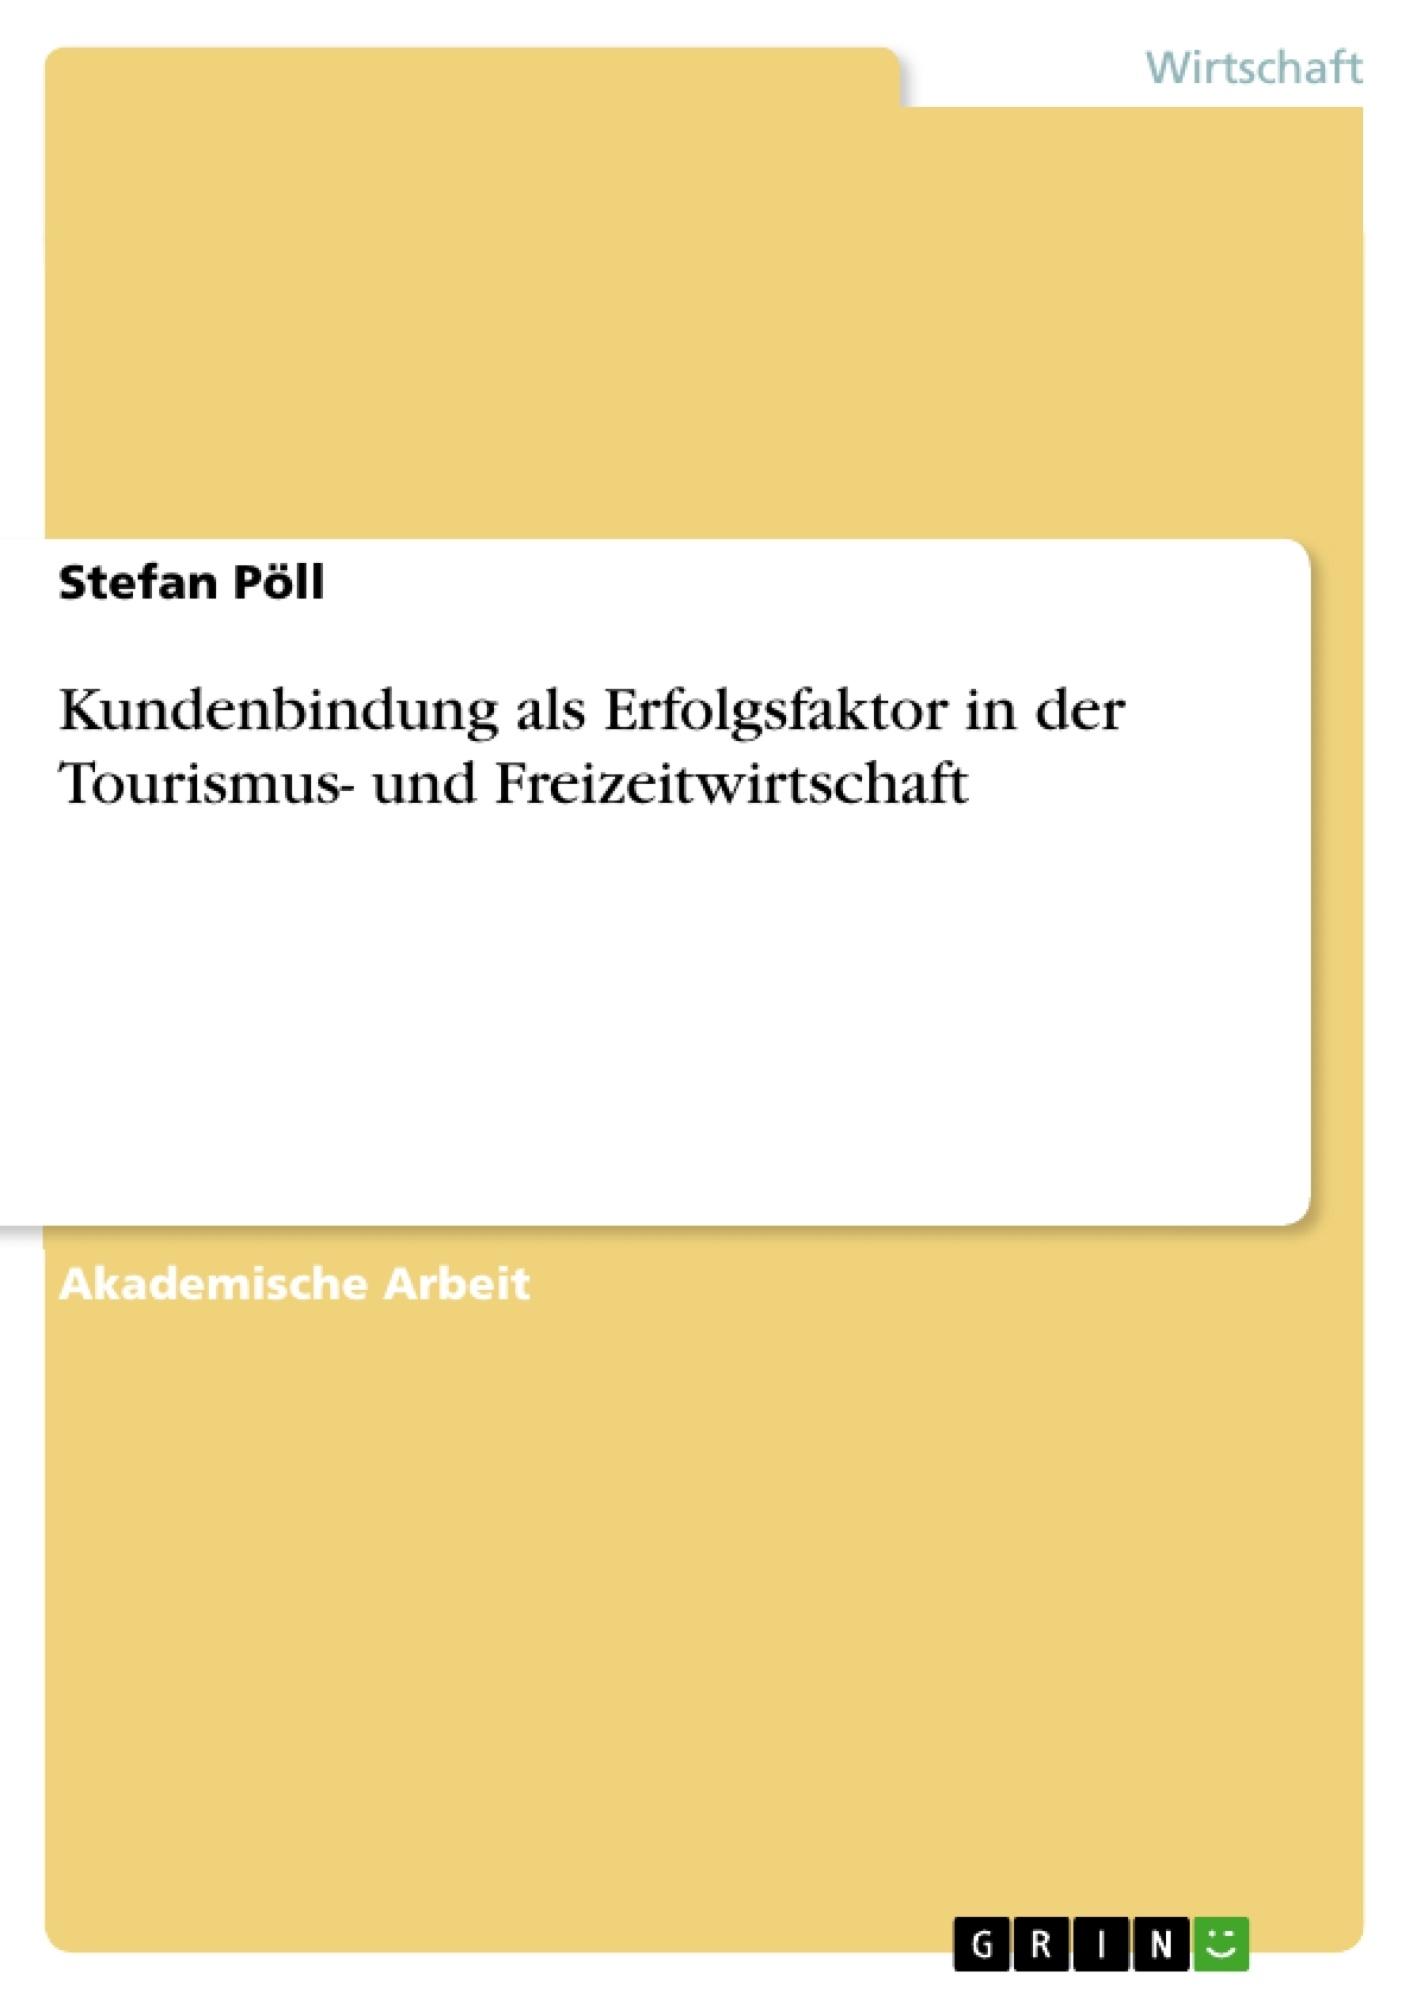 Titel: Kundenbindung als Erfolgsfaktor in der Tourismus- und Freizeitwirtschaft